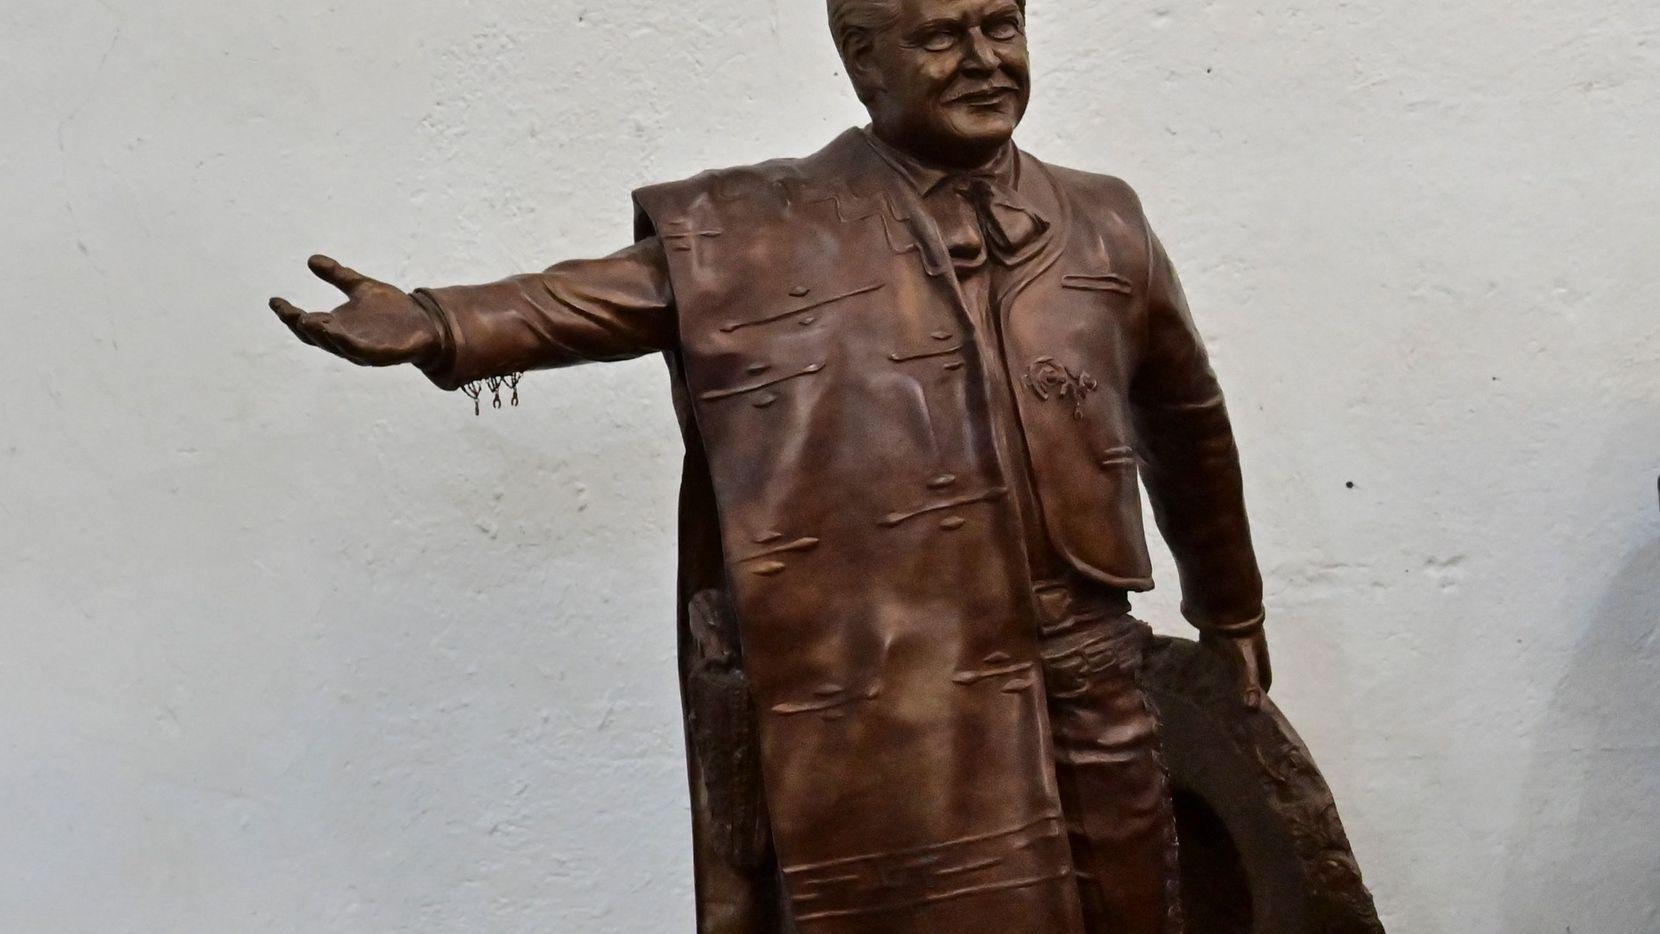 Estatua de José Alfredo Jiménez en la Ciudad de México.